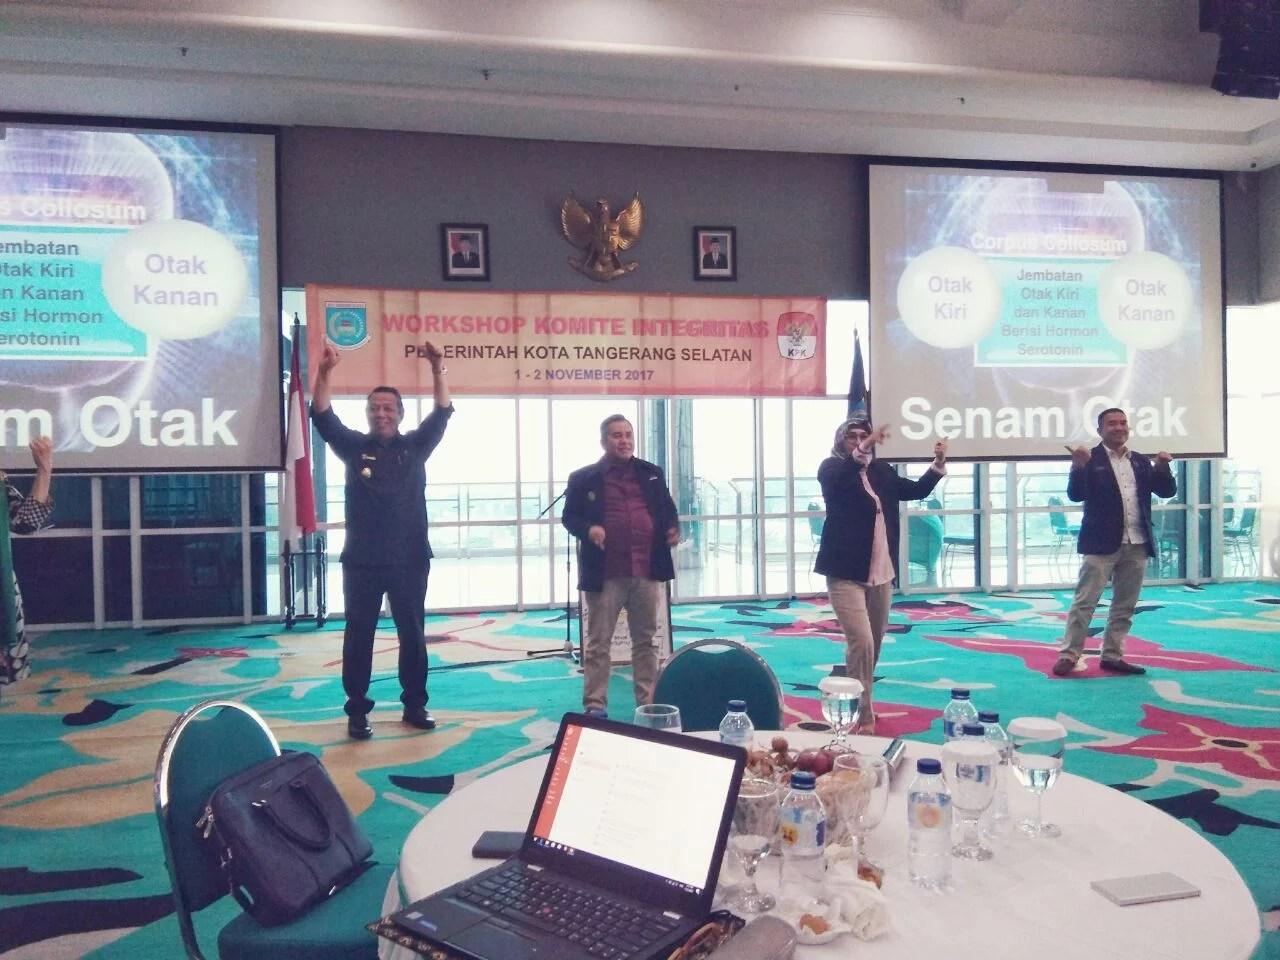 Gandeng KPK Gelar Workshop, Pemkot Tangsel Bentuk Tunas Integritas